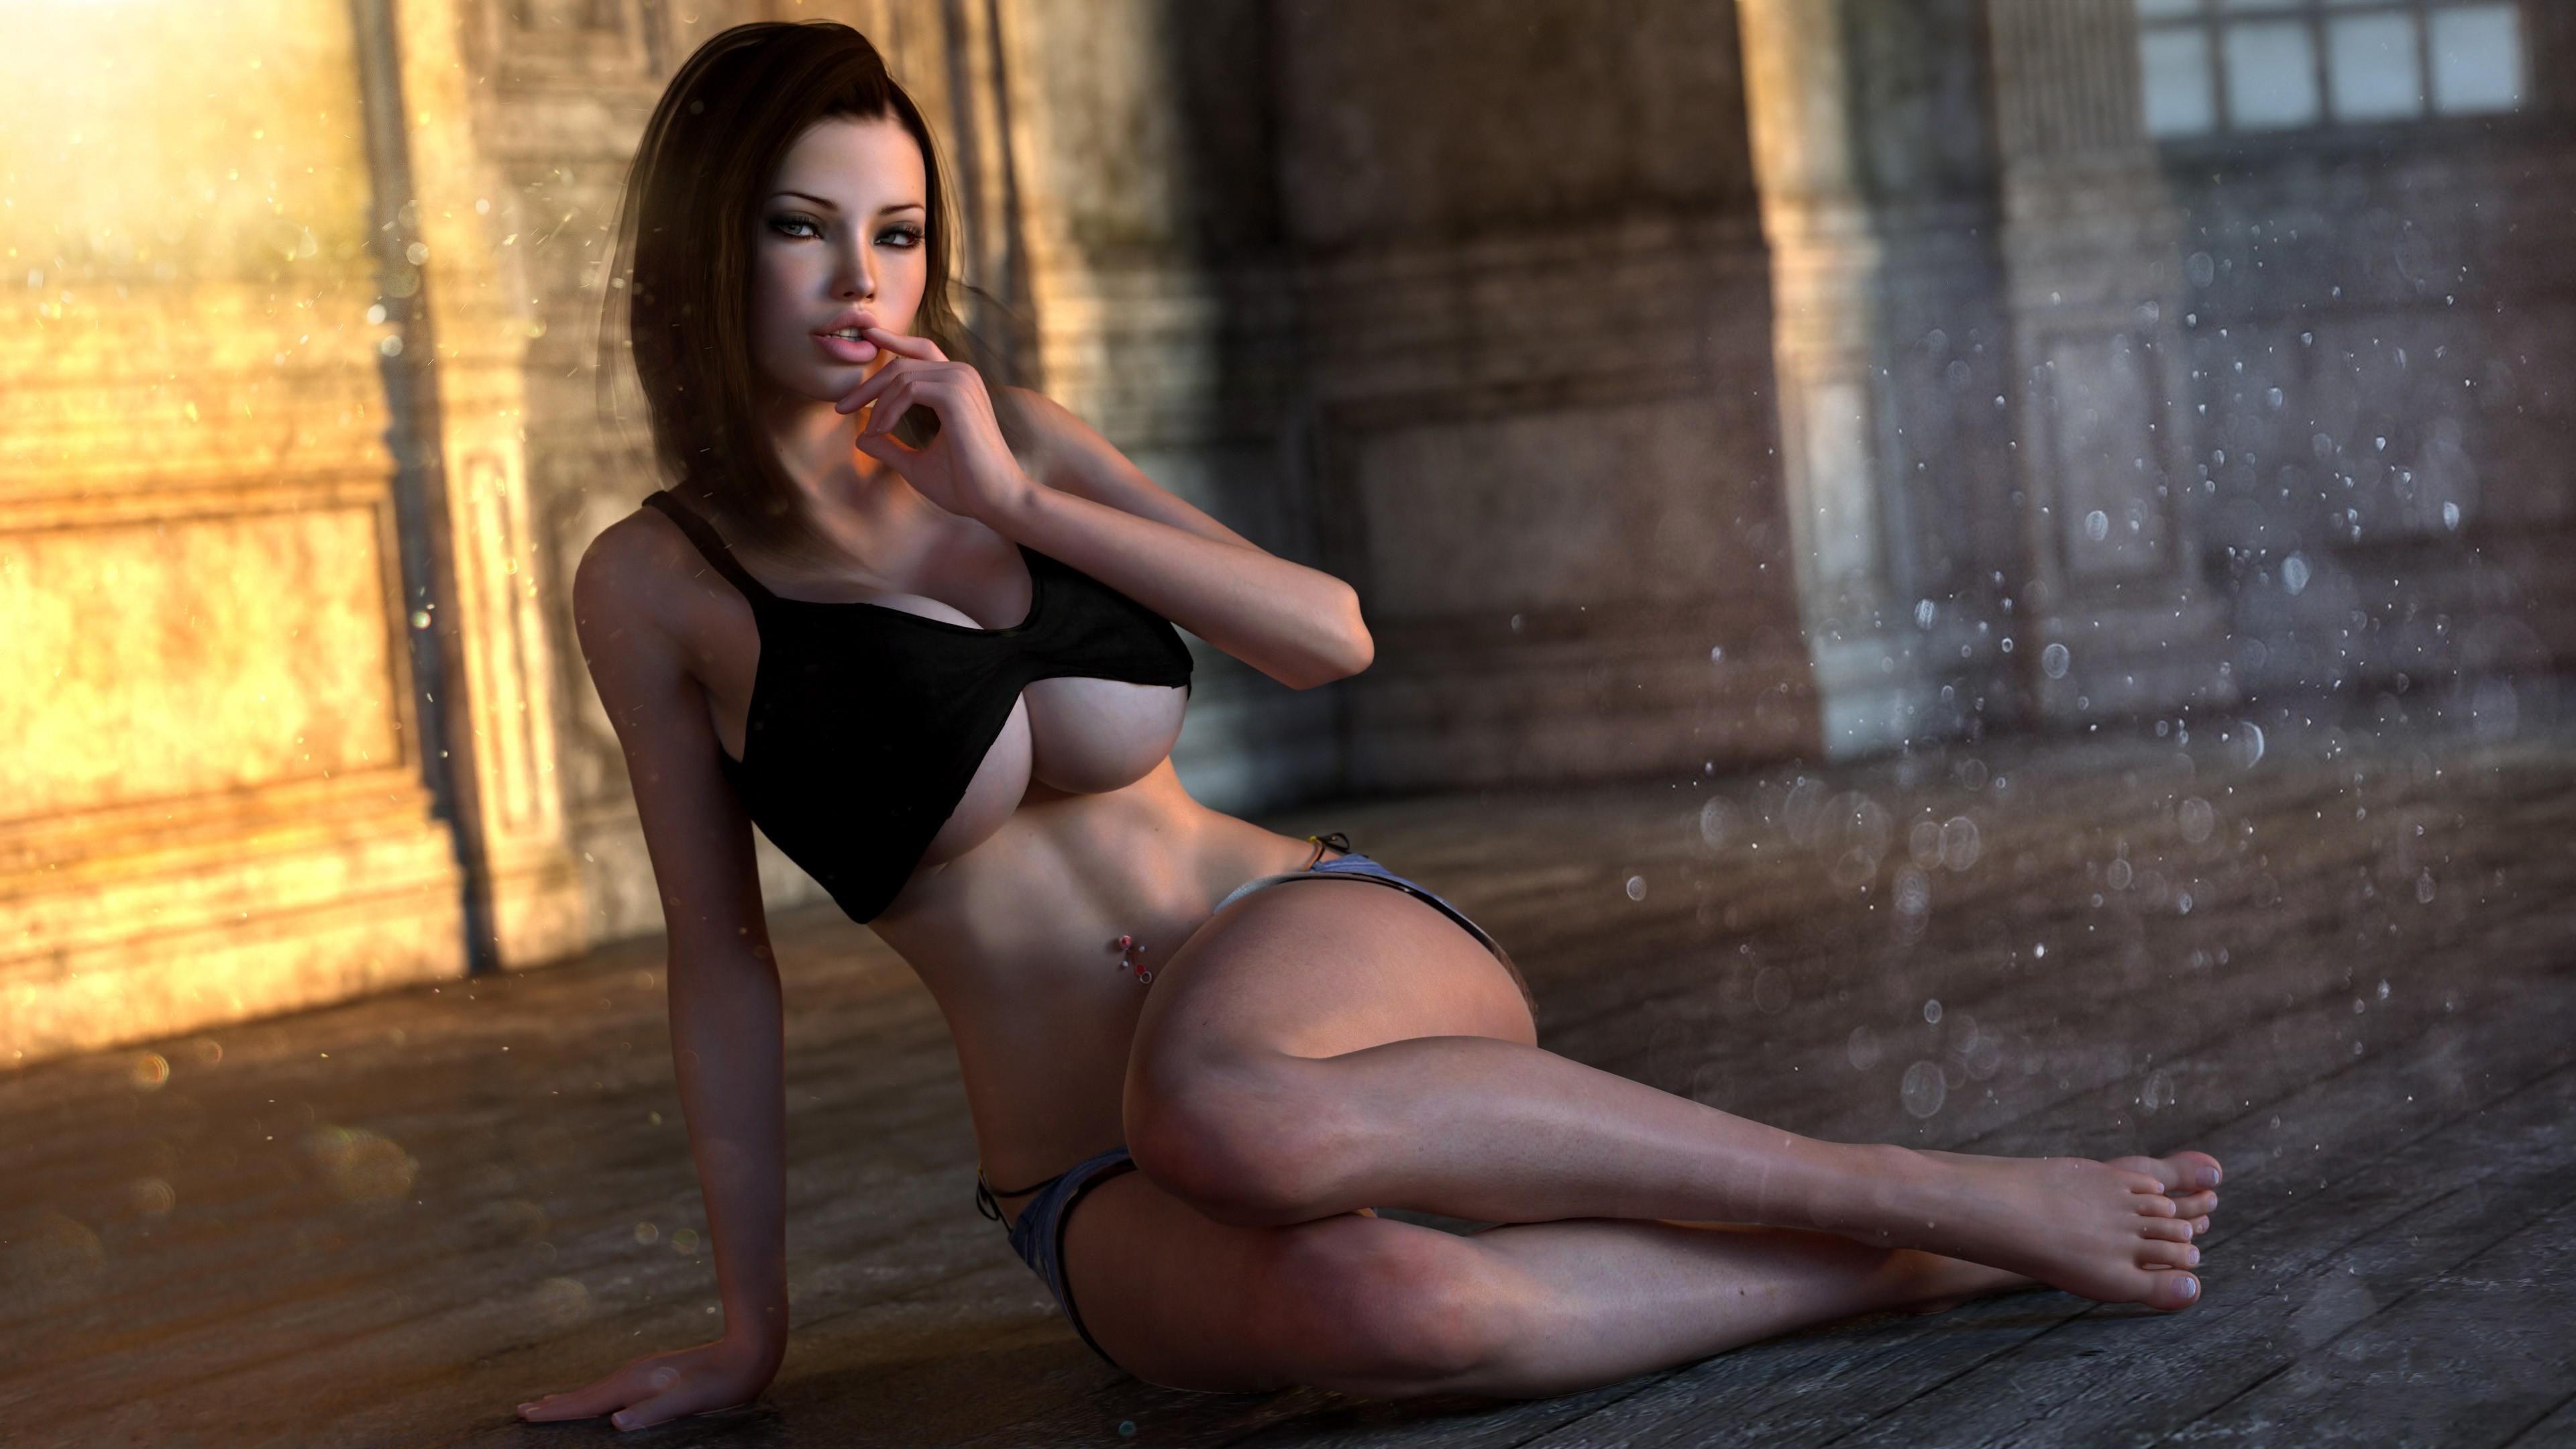 Big tits3d nude pornostar